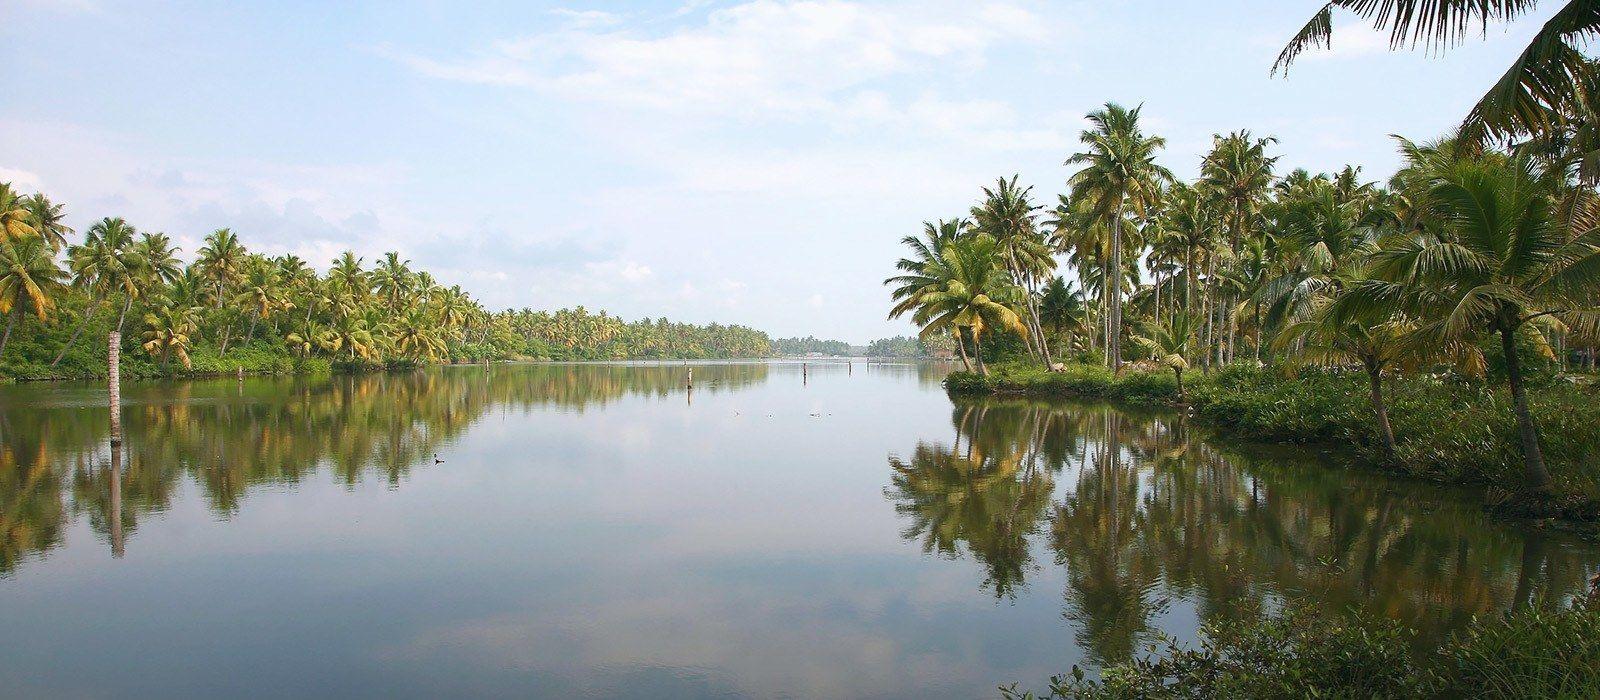 Nord- & Südindien Entdeckerreise Urlaub 9